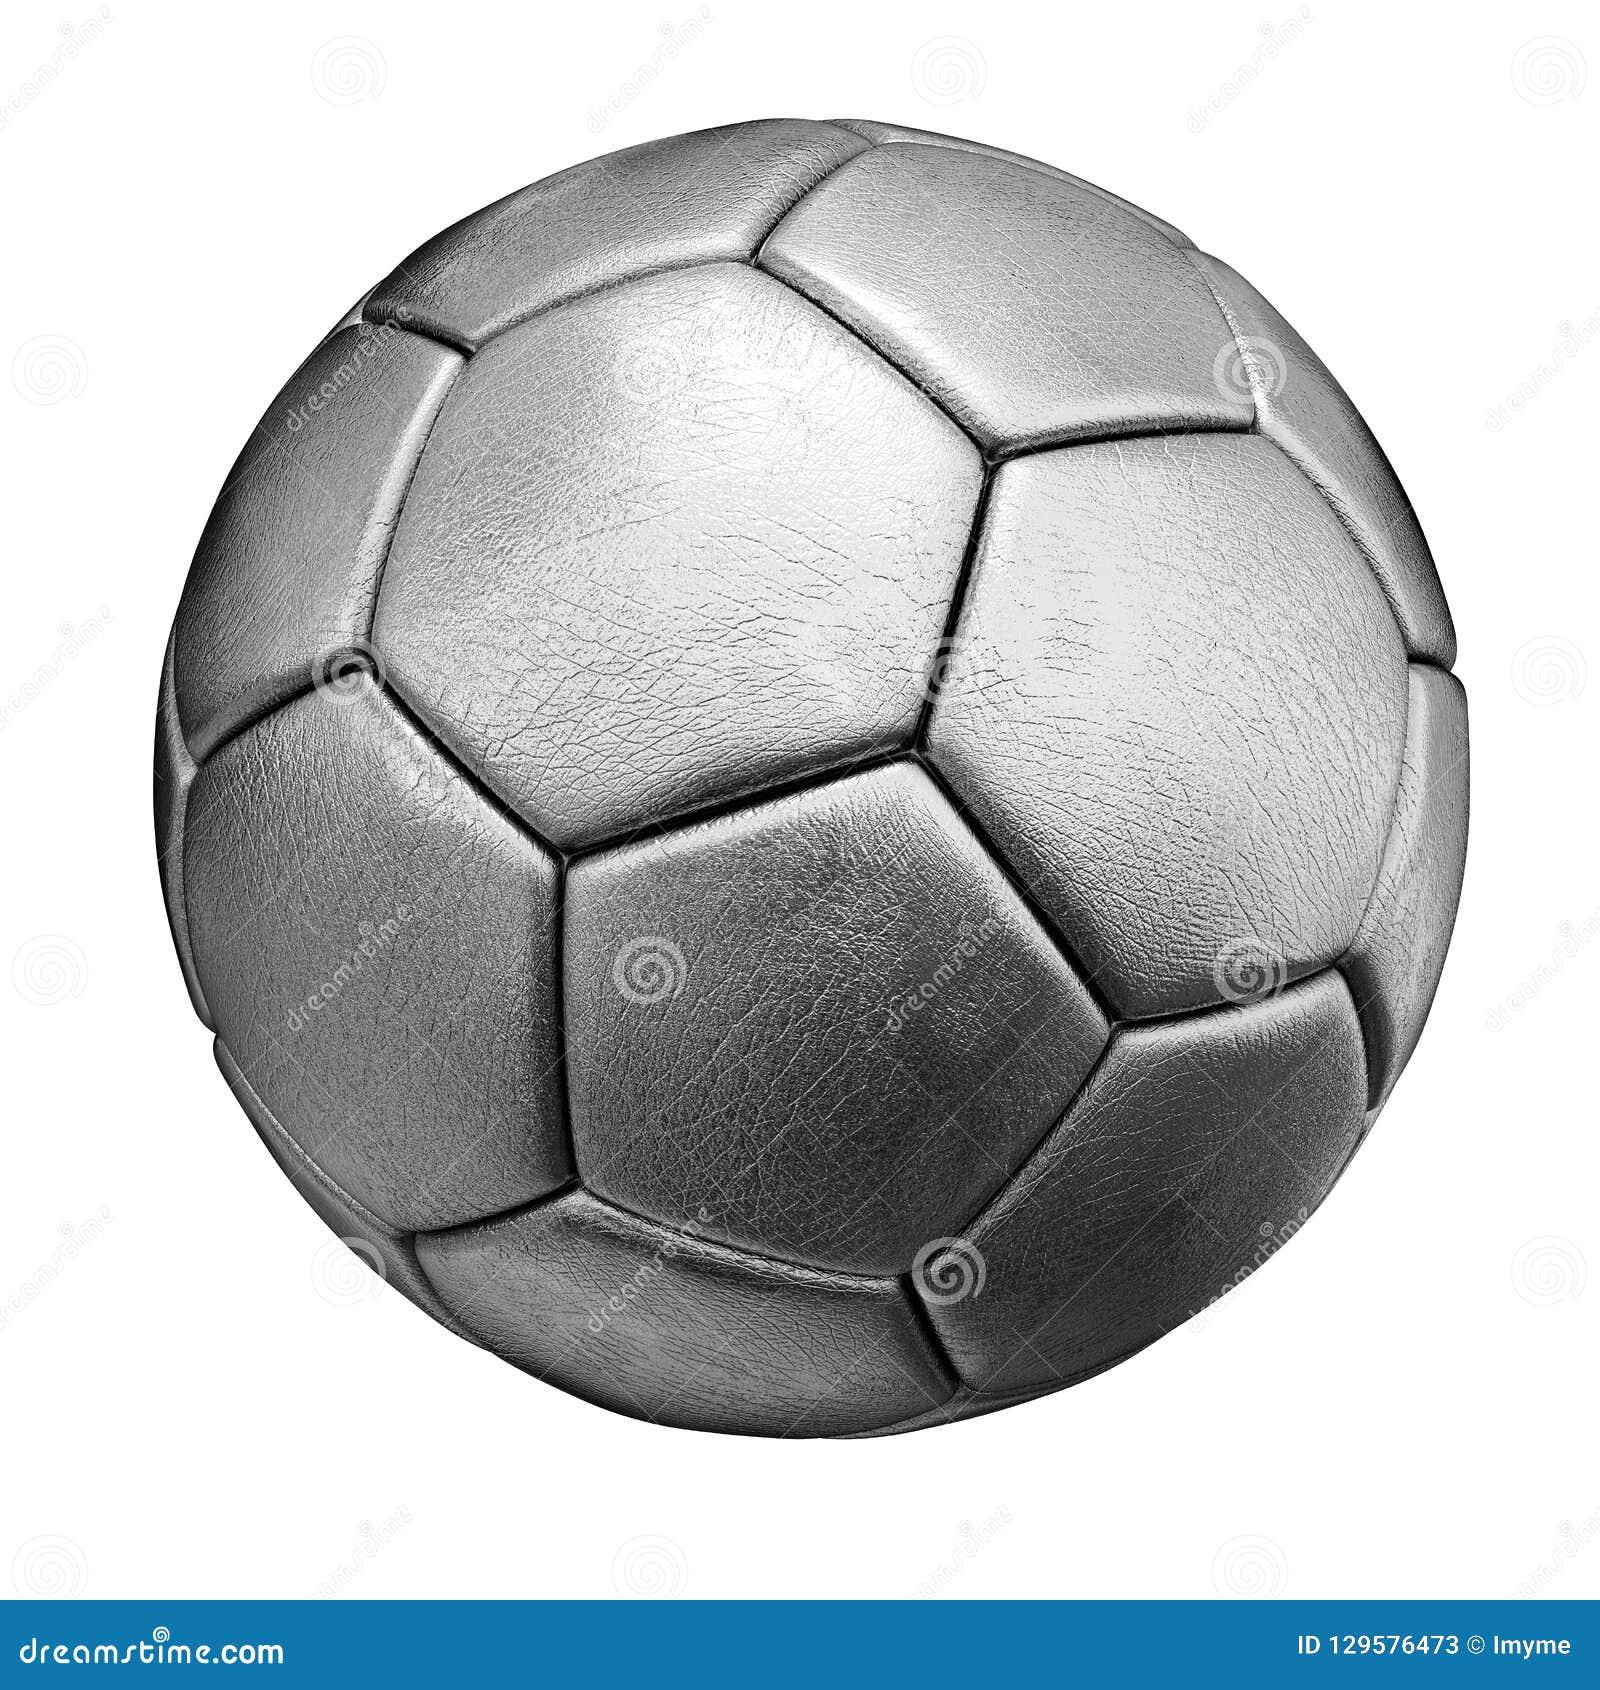 ασημένια σφαίρα ποδοσφαίρου που απομονώνεται στην άσπρη ανασκόπηση